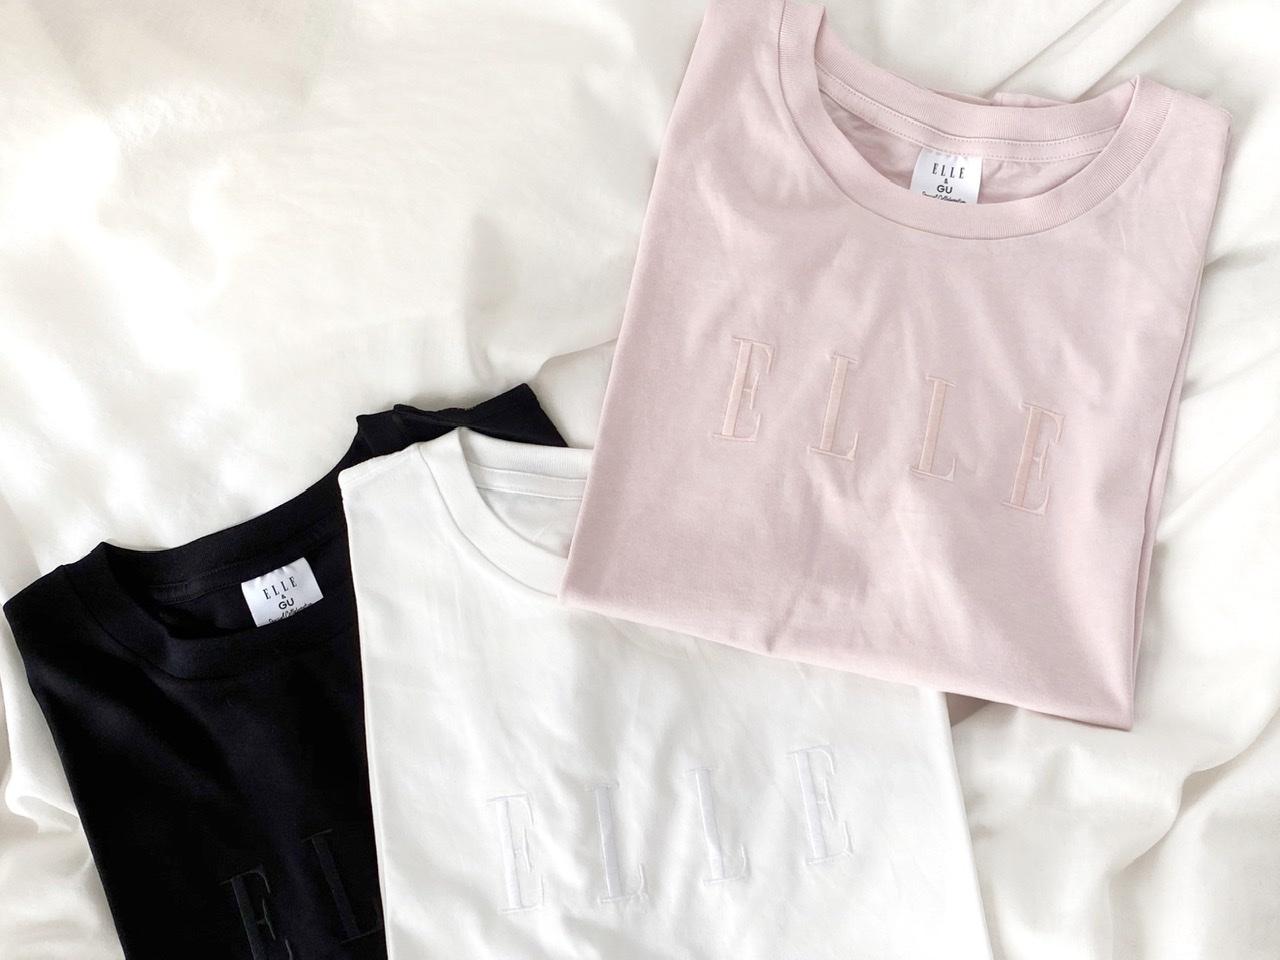 【GU×ELLEがコラボ!】思わず3色買い♡SNSでも話題のプチプラTシャツをGET!_1